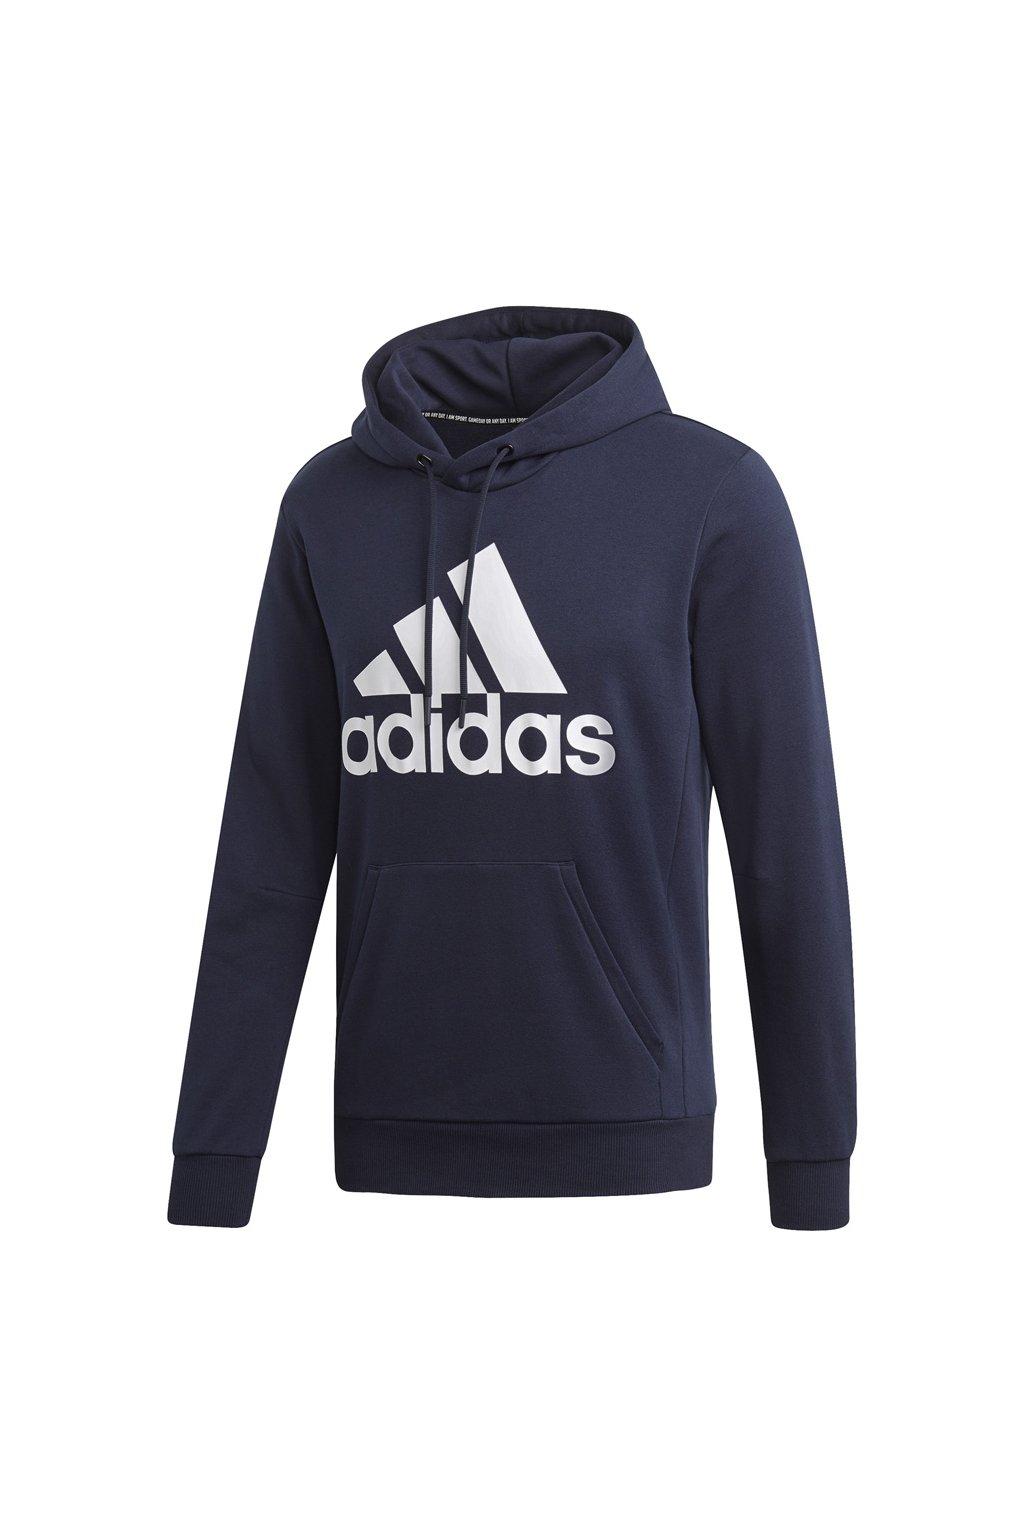 Pánska mikina Adidas MH Bos PO FT / námornícka modrá DT9943